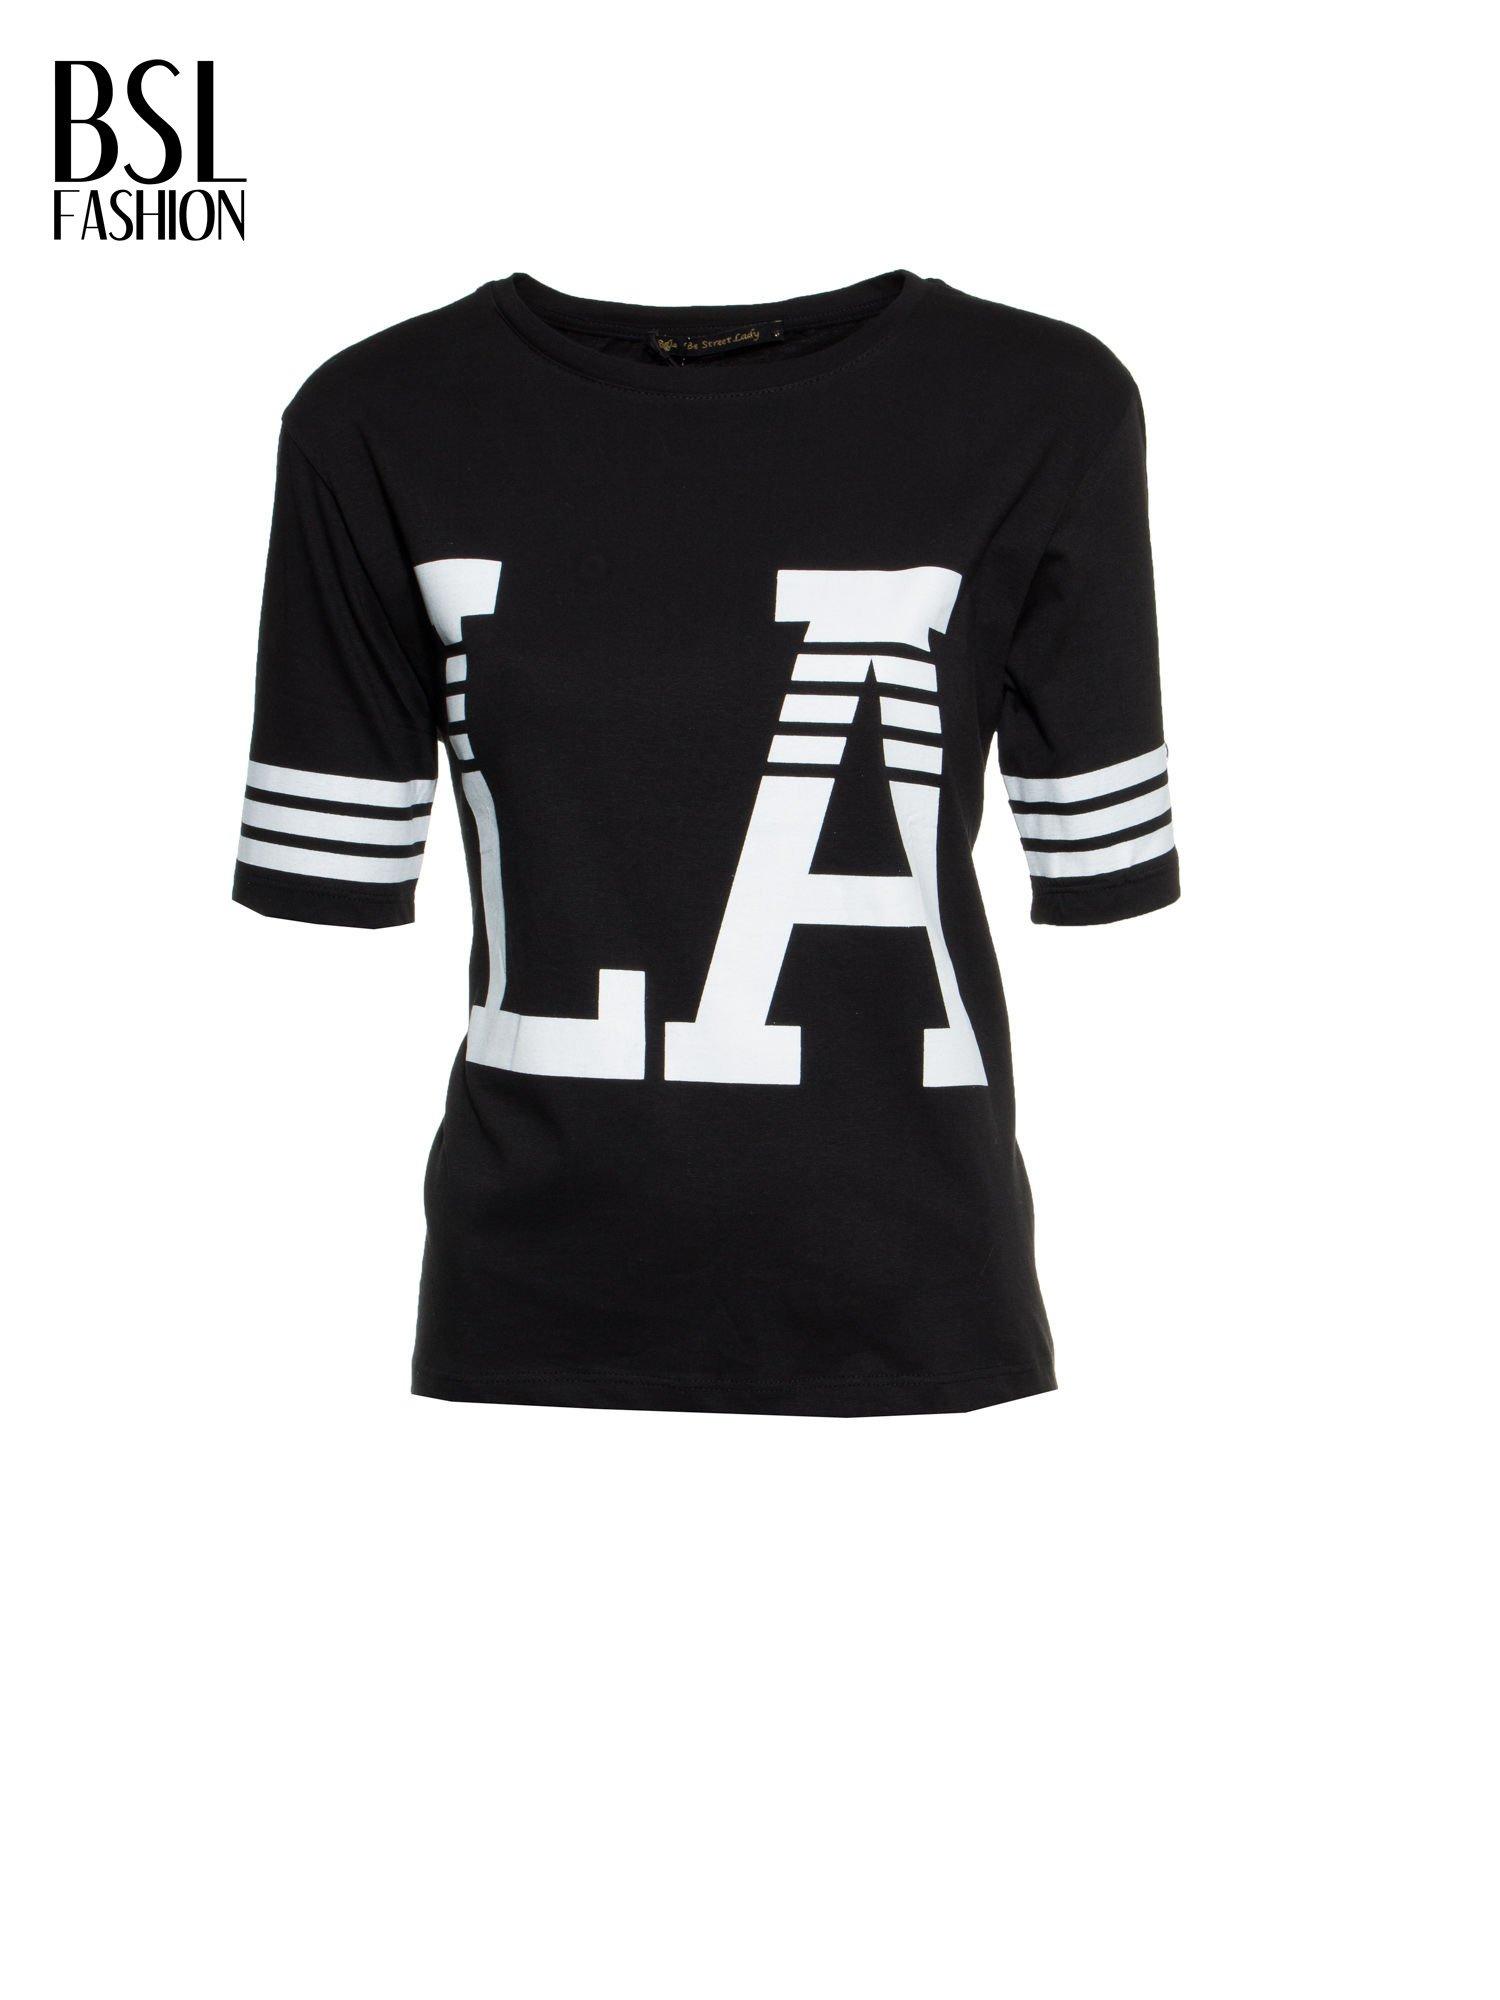 Czarny t-shirt z nadrukiem LA w baseballowym stylu                                  zdj.                                  2